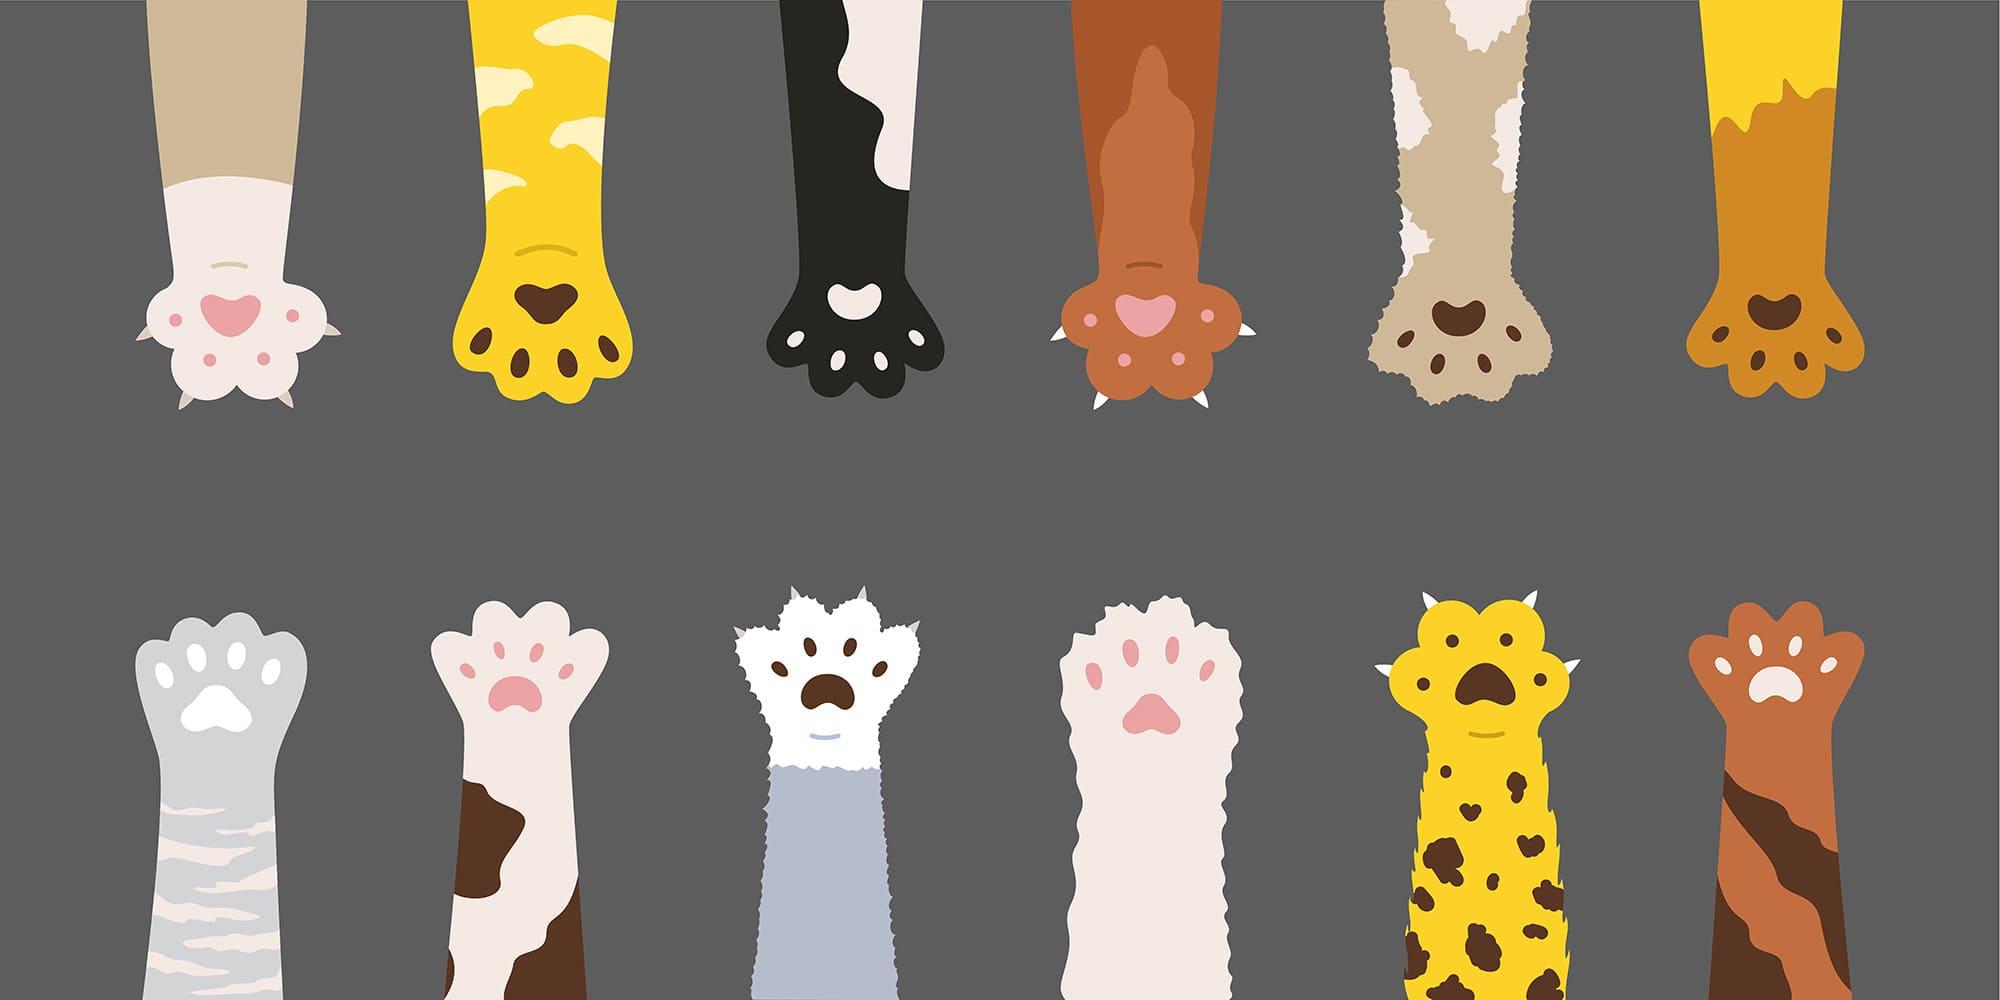 8 ตัวละครสมมติเอาใจทาสแมว มีอะไรบ้างไปดู !!